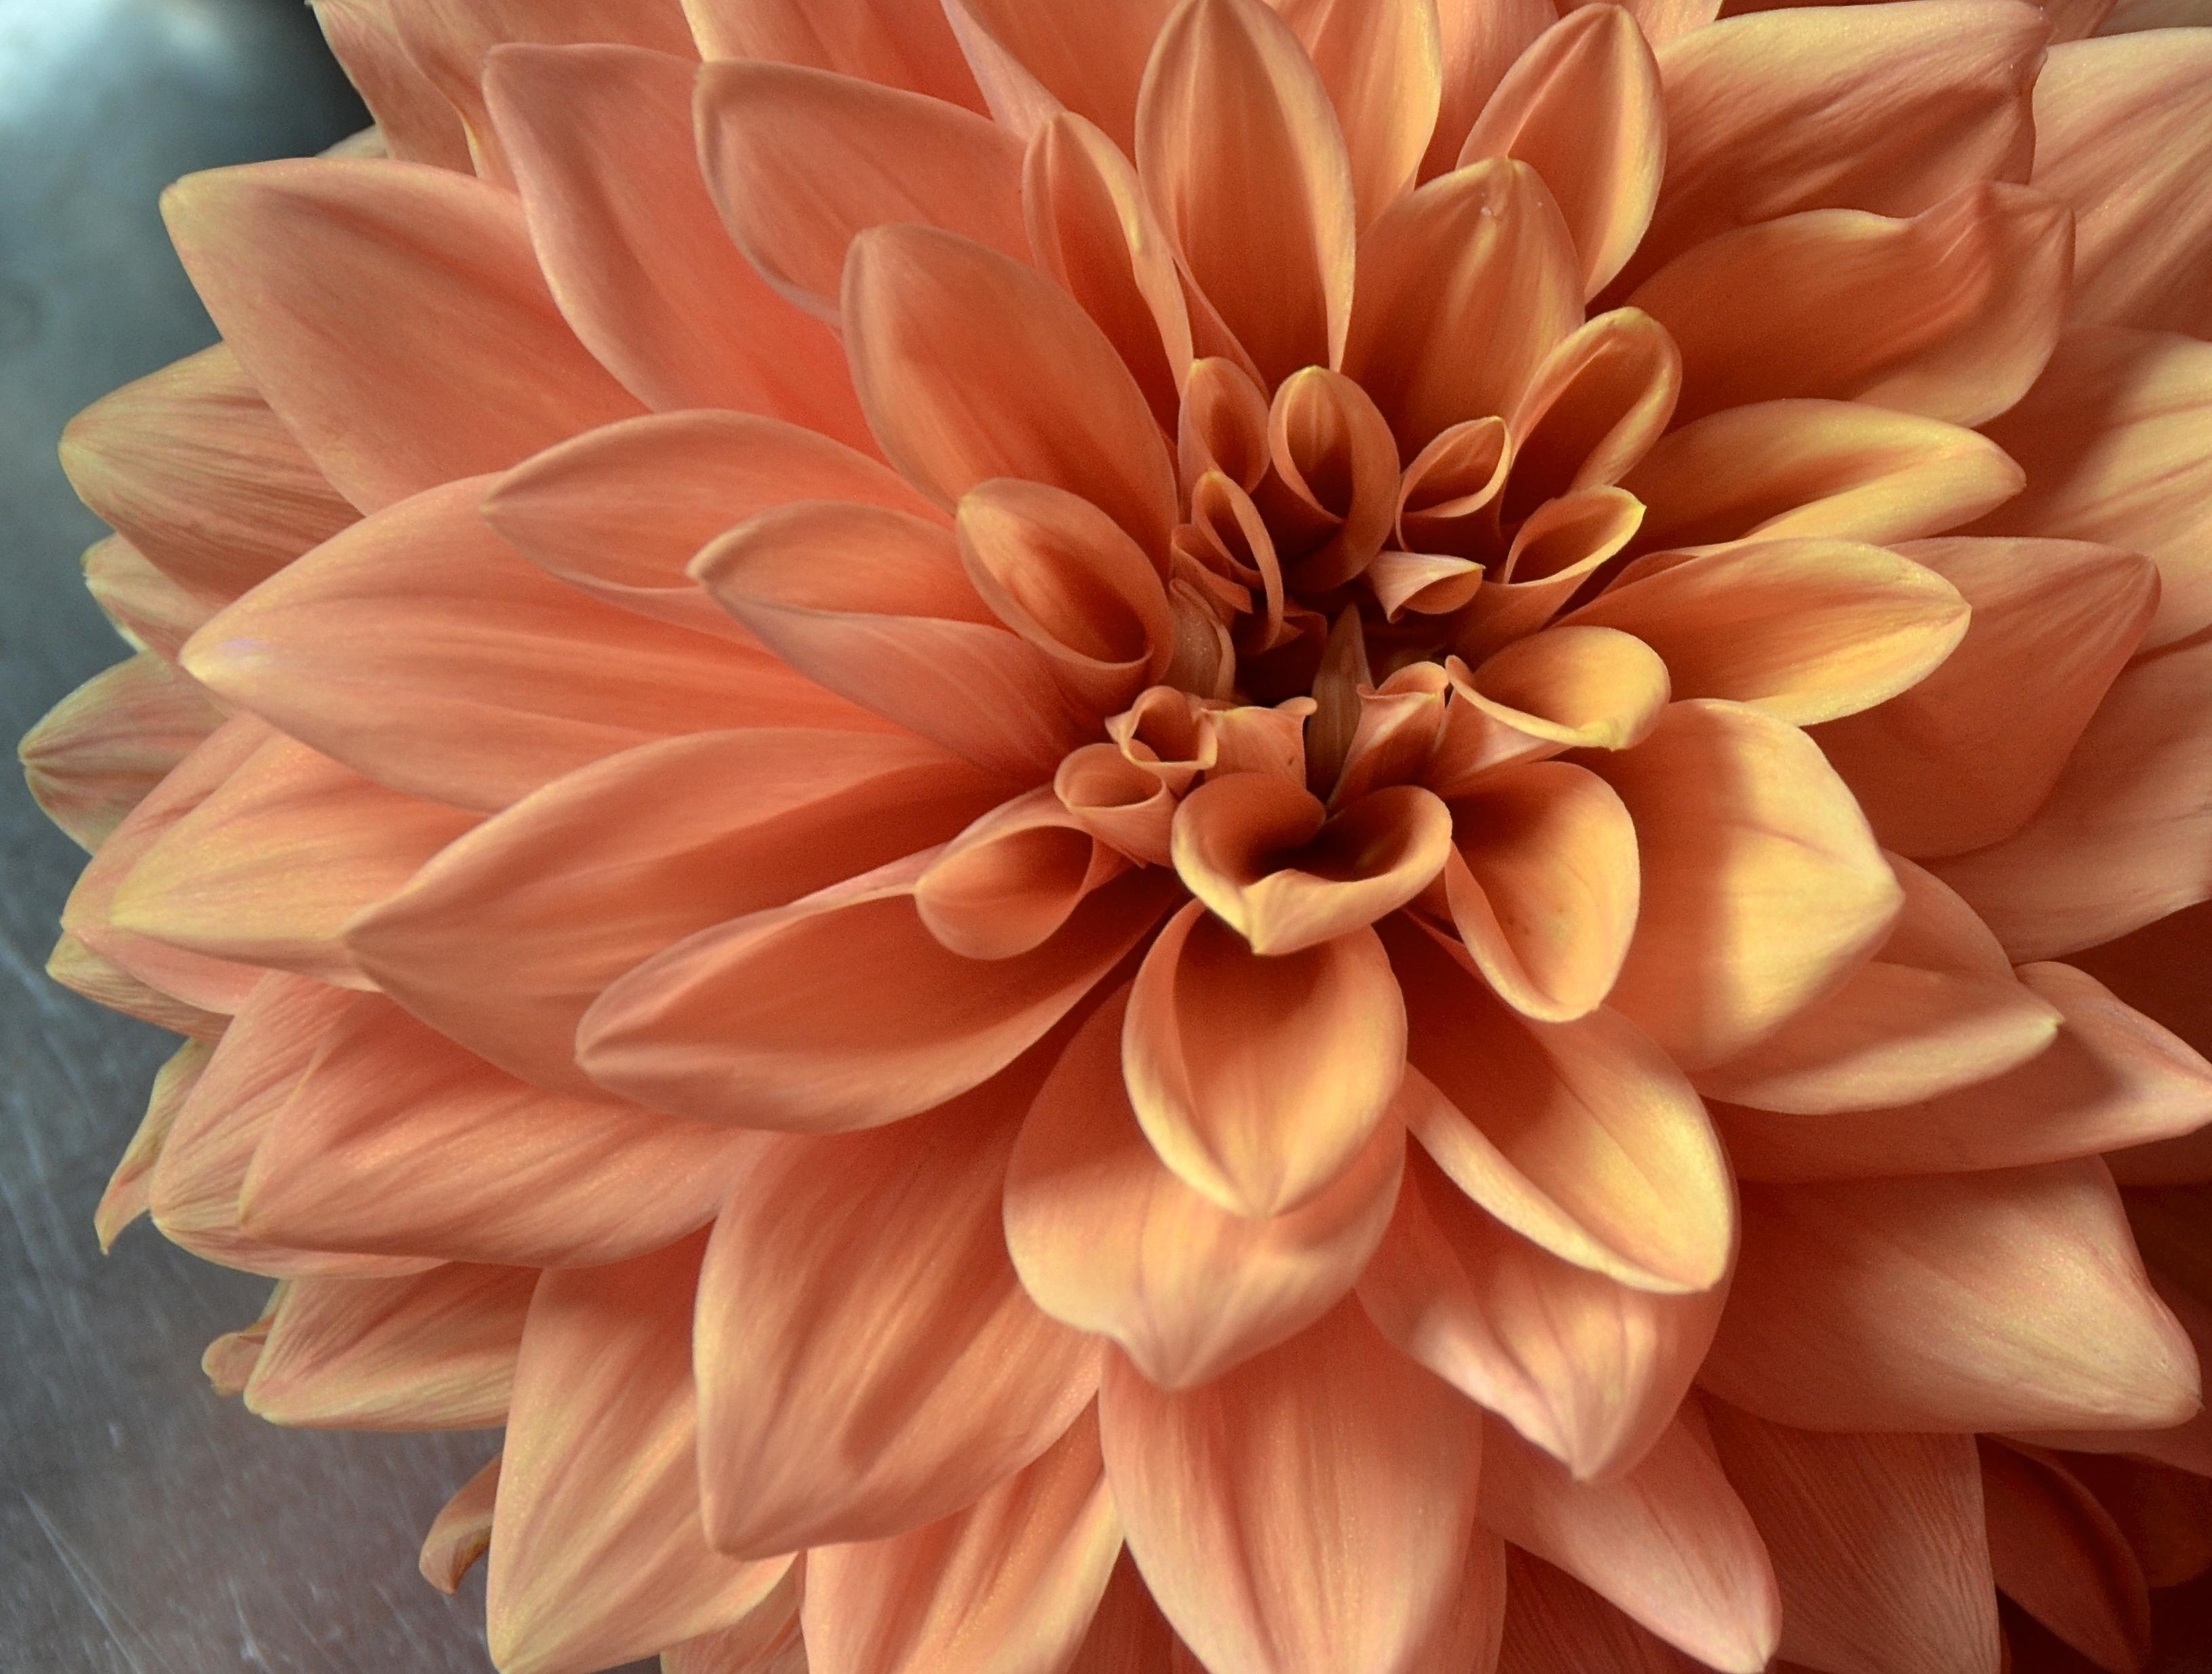 Cutting a Dahlia flower nearly needs a stepladder | Before You Garden...